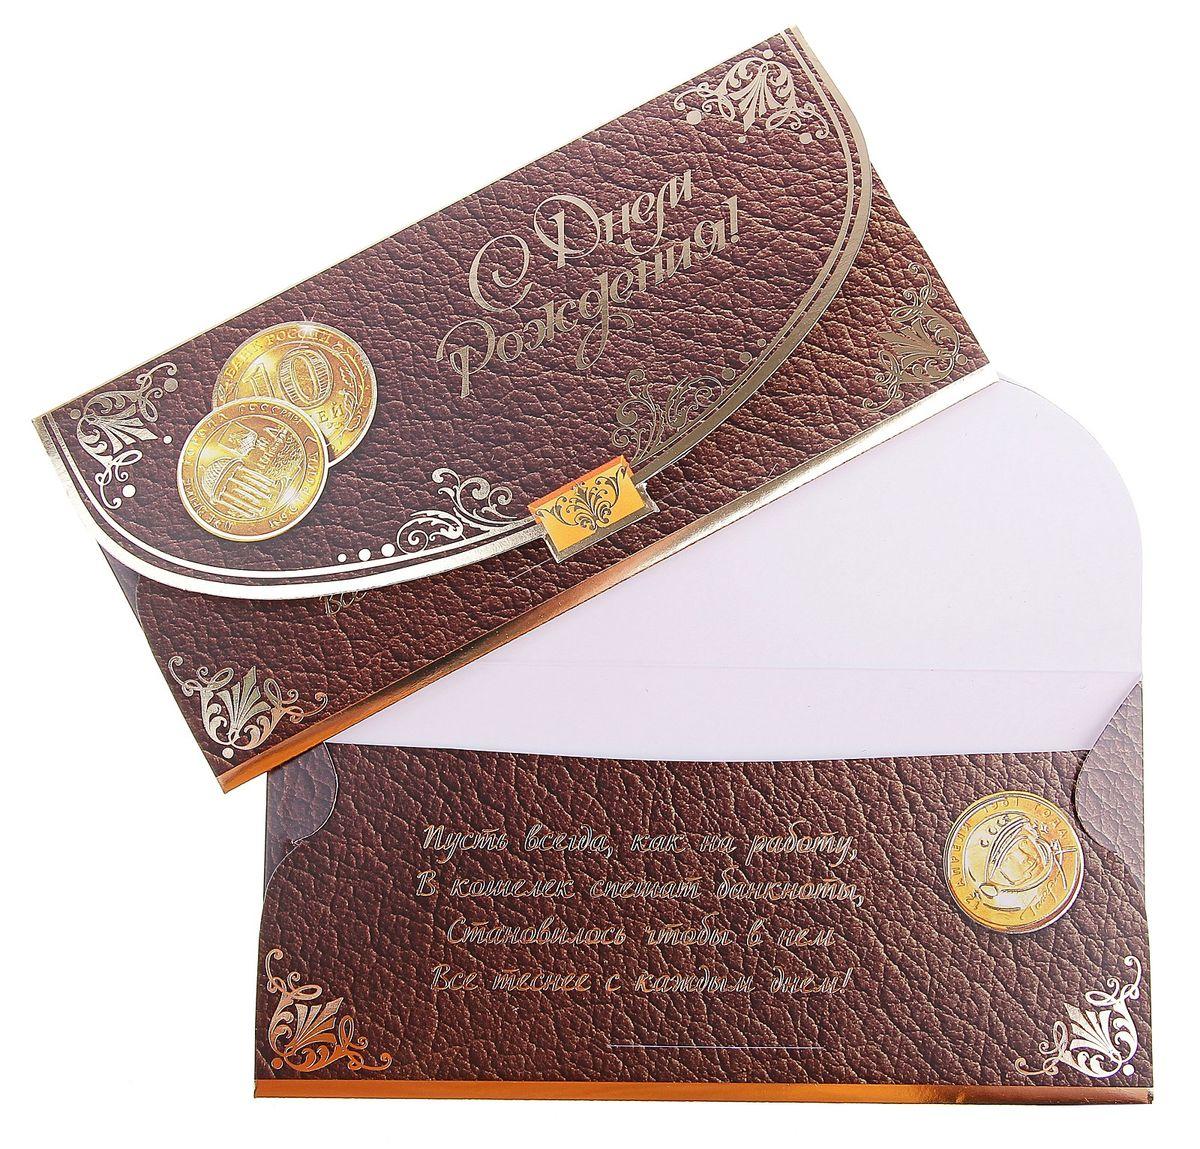 Конверт для денег С днем рождения!. 783938783938Конверт для денег С днем рождения! выполнен из плотной бумаги и украшен картинкой, соответствующей событию. Это необычная красивая одежка для денежного подарка, а так же отличная возможность сделать его более праздничным и создать прекрасное настроение!